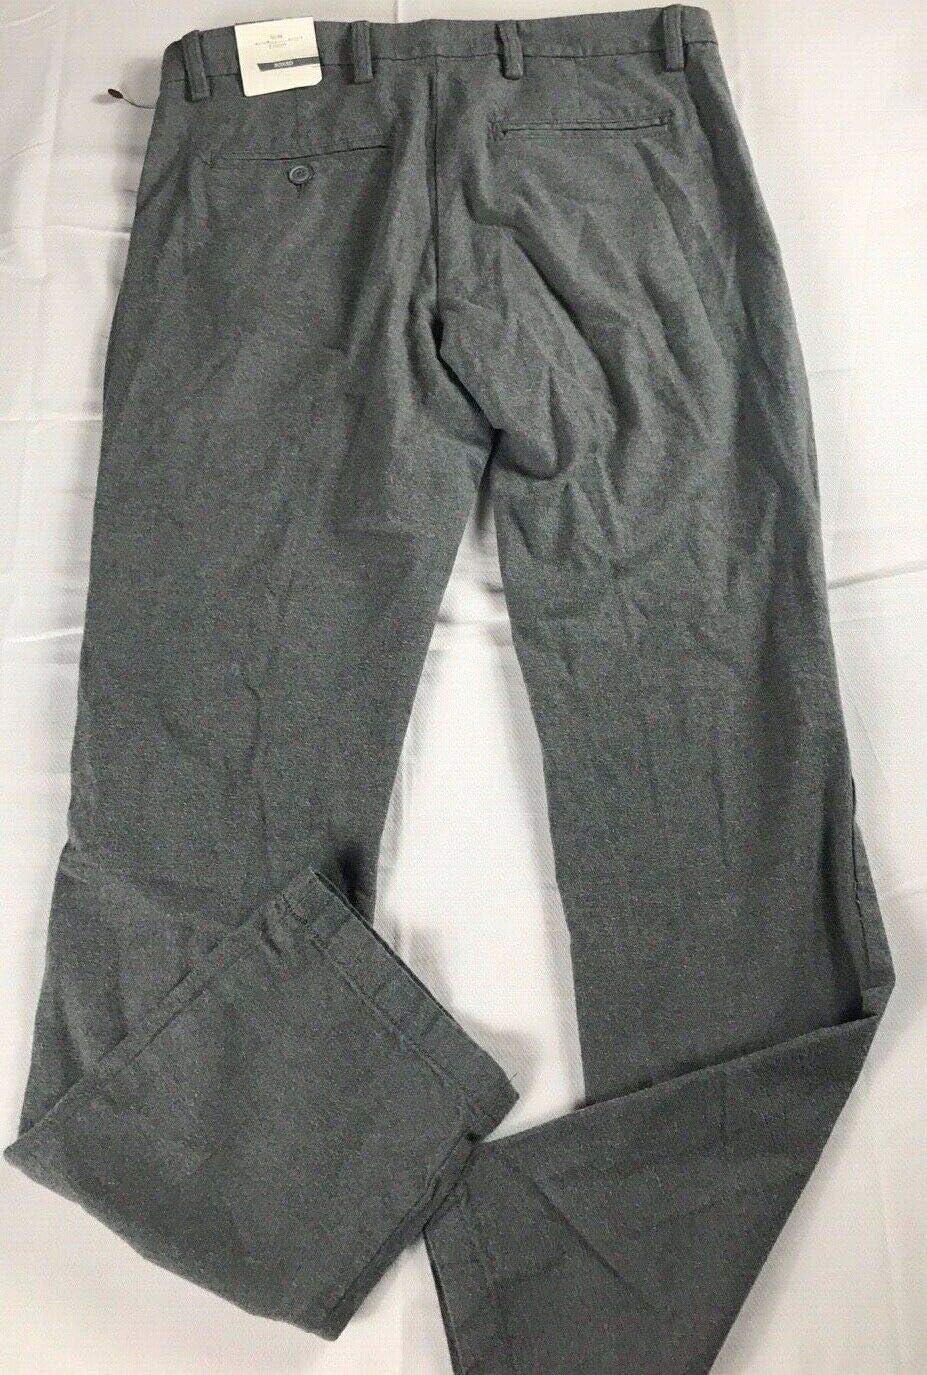 Old Navy Pantalones Para Hombre 30 32 34 Gris Delgado Etroit Pantalones De Algodon Casual Negocios Gris 32w X 30l Amazon Com Mx Ropa Zapatos Y Accesorios